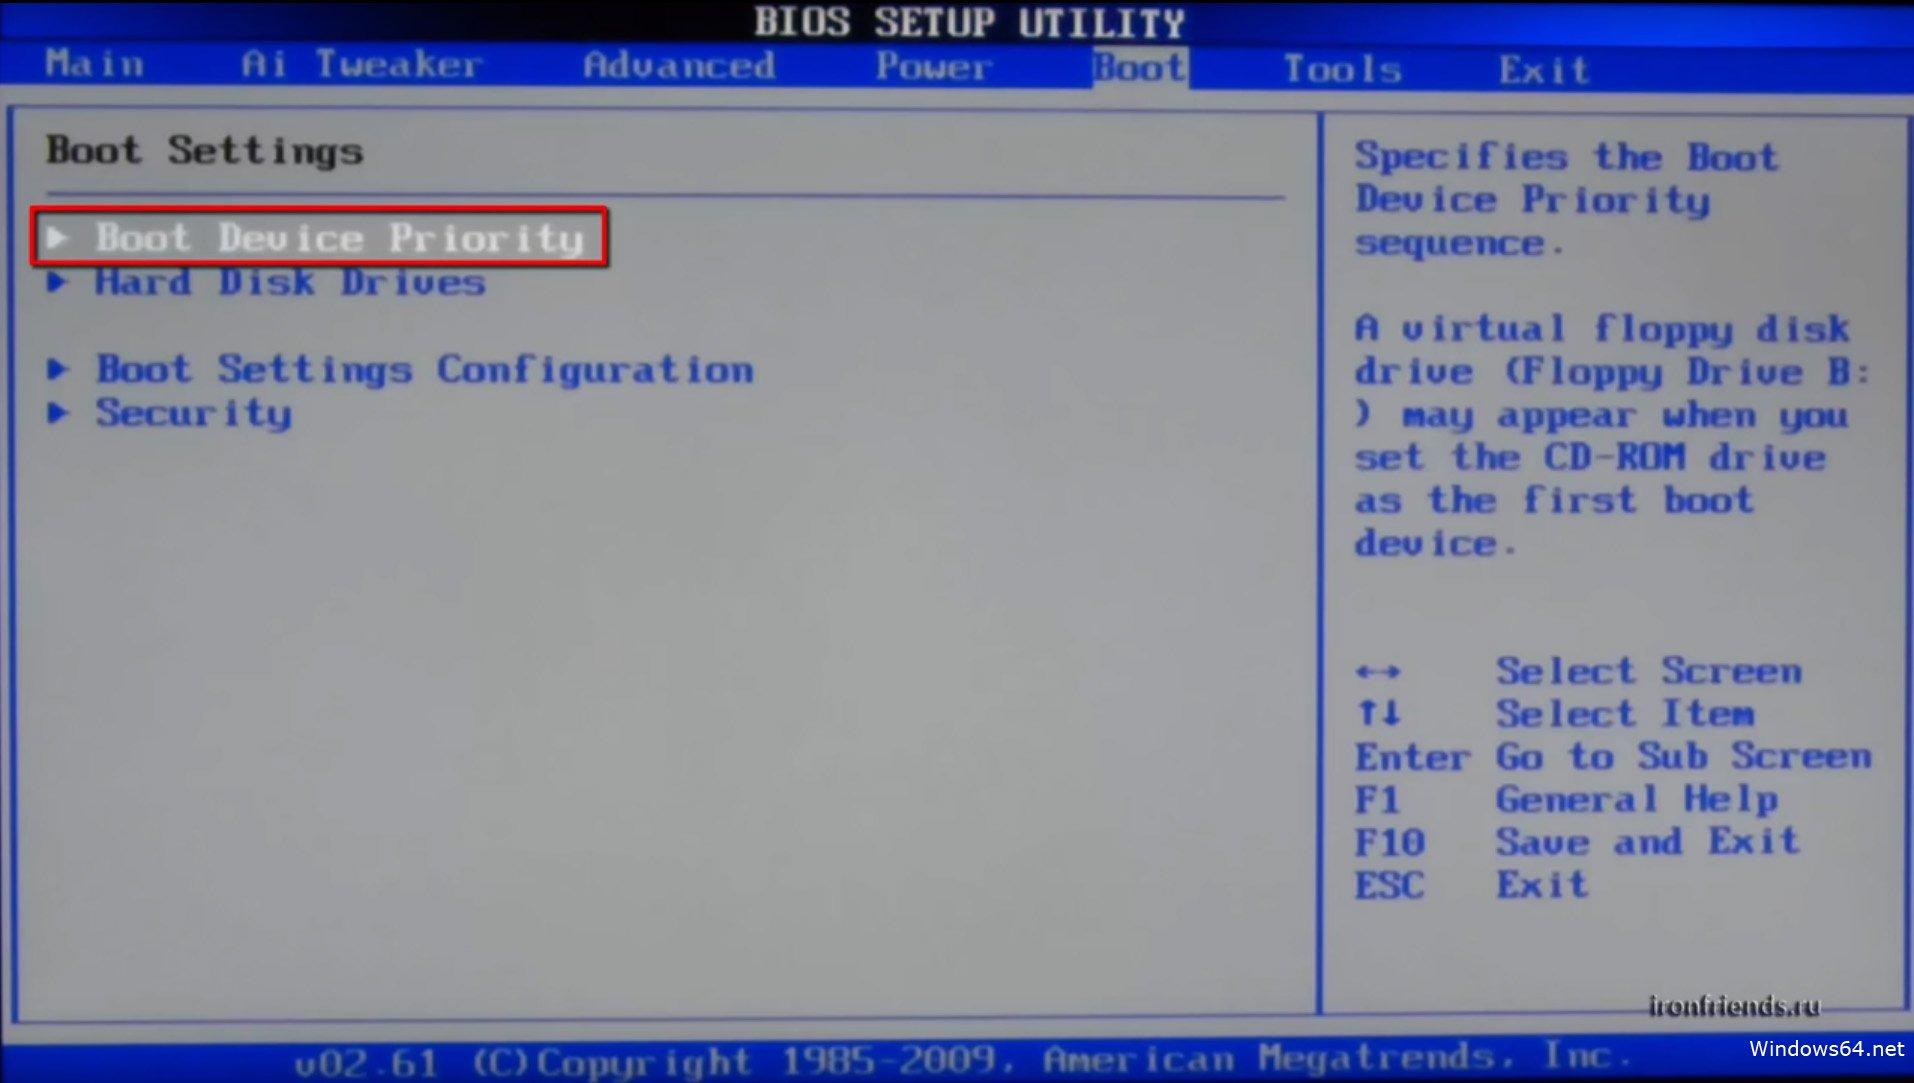 BIOS арқылы флэш-дискілермен терезелерді орнату